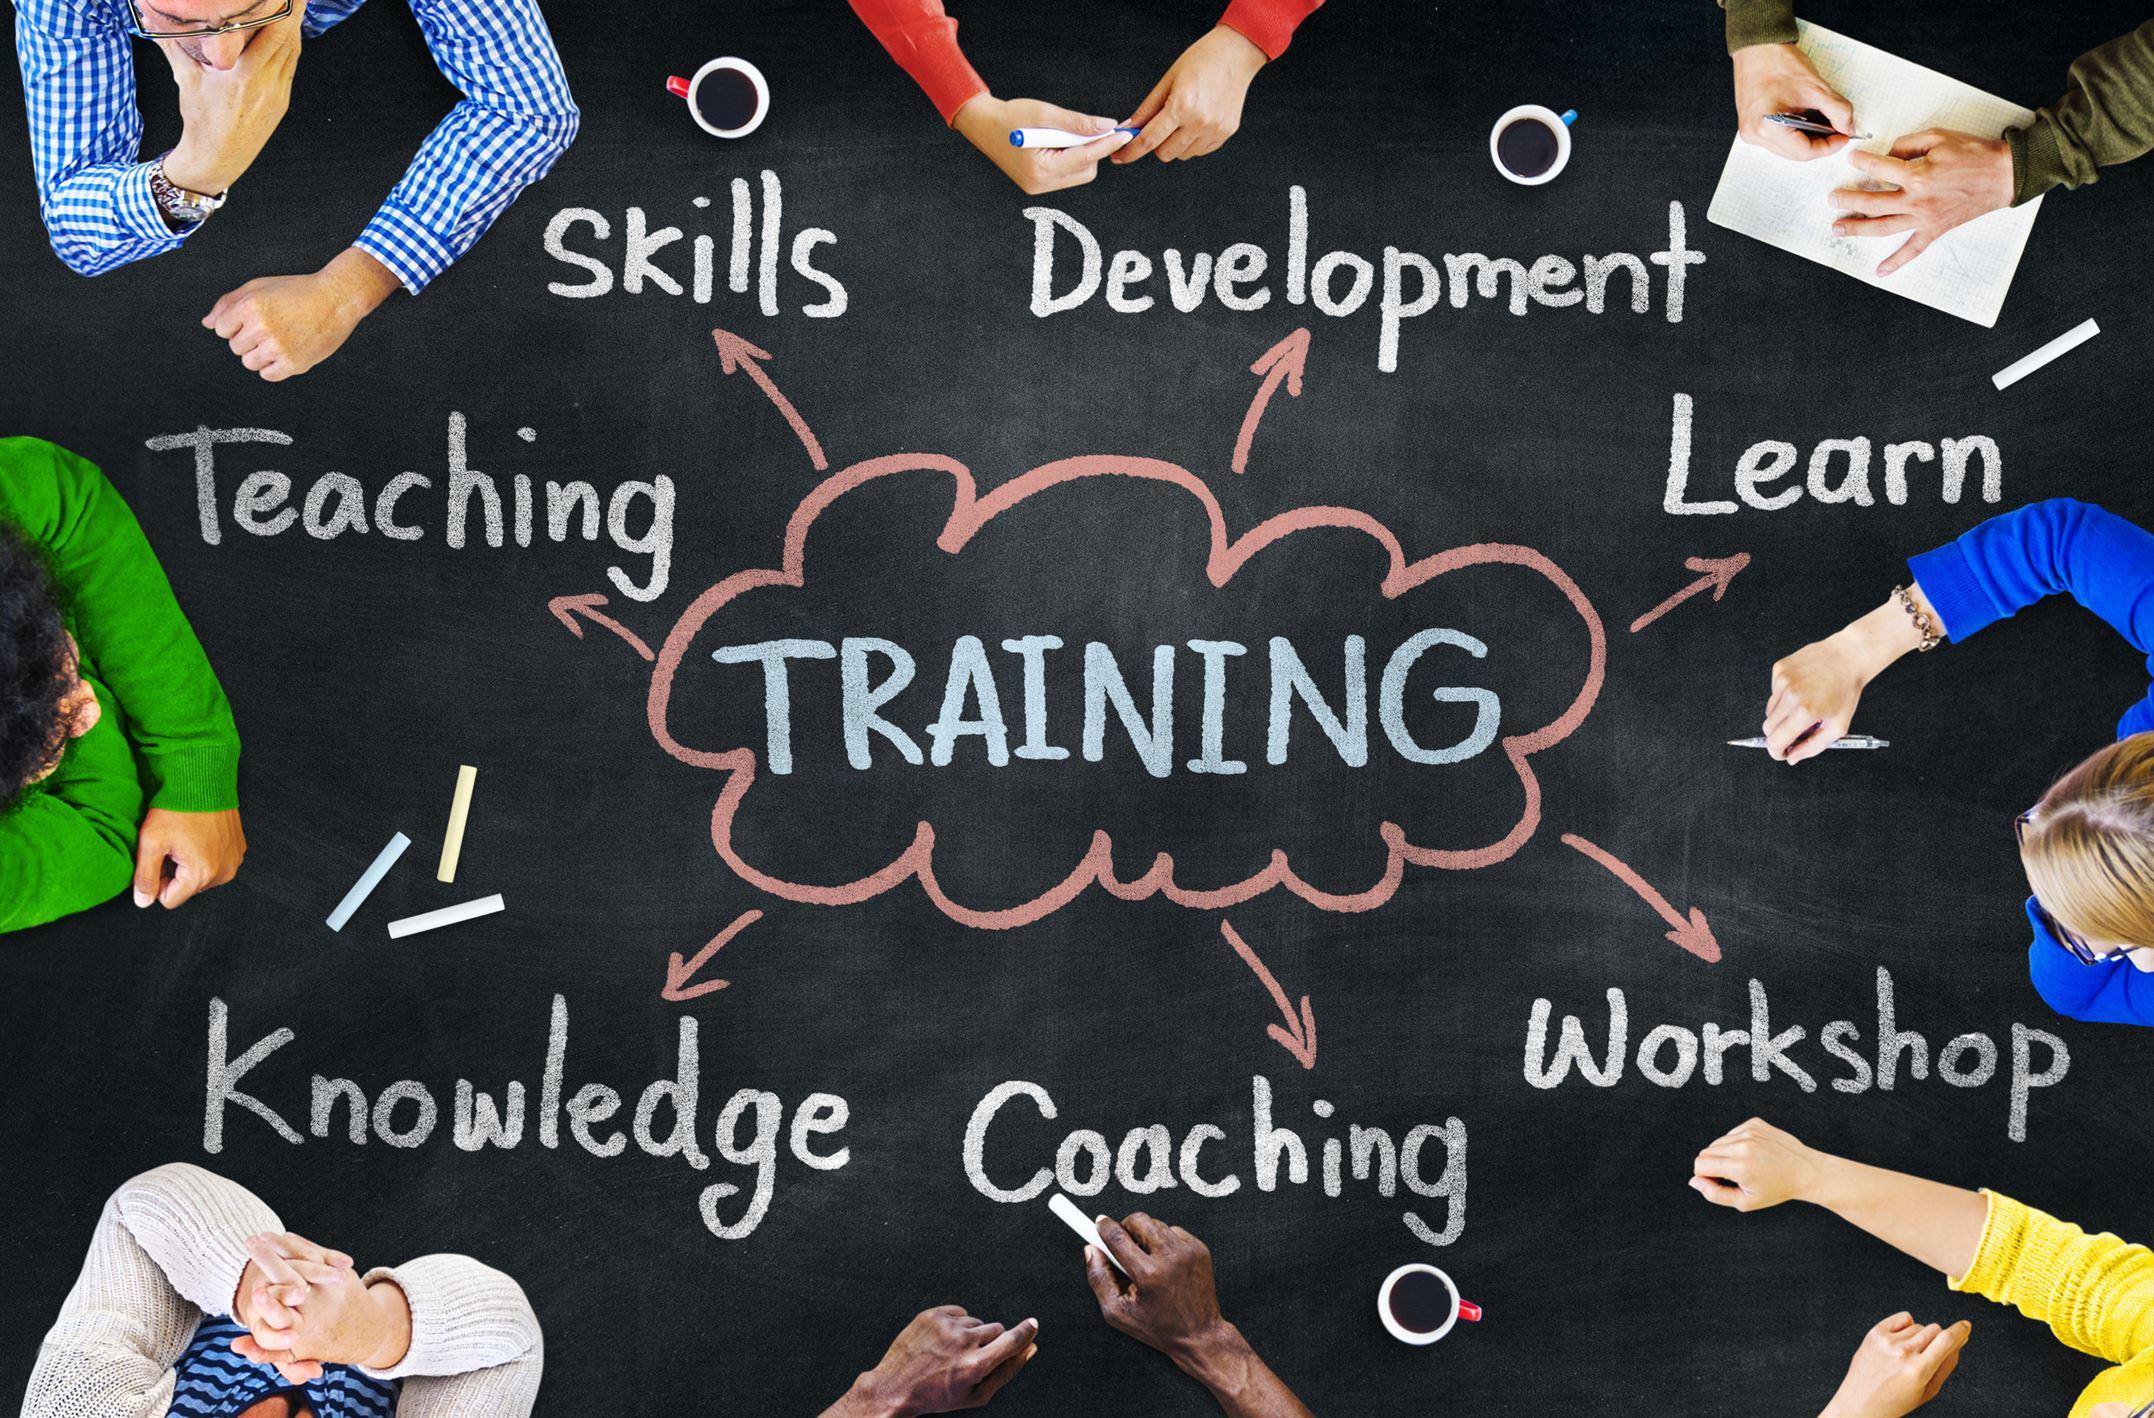 إدارة وتنسيق الدورات التدريبية